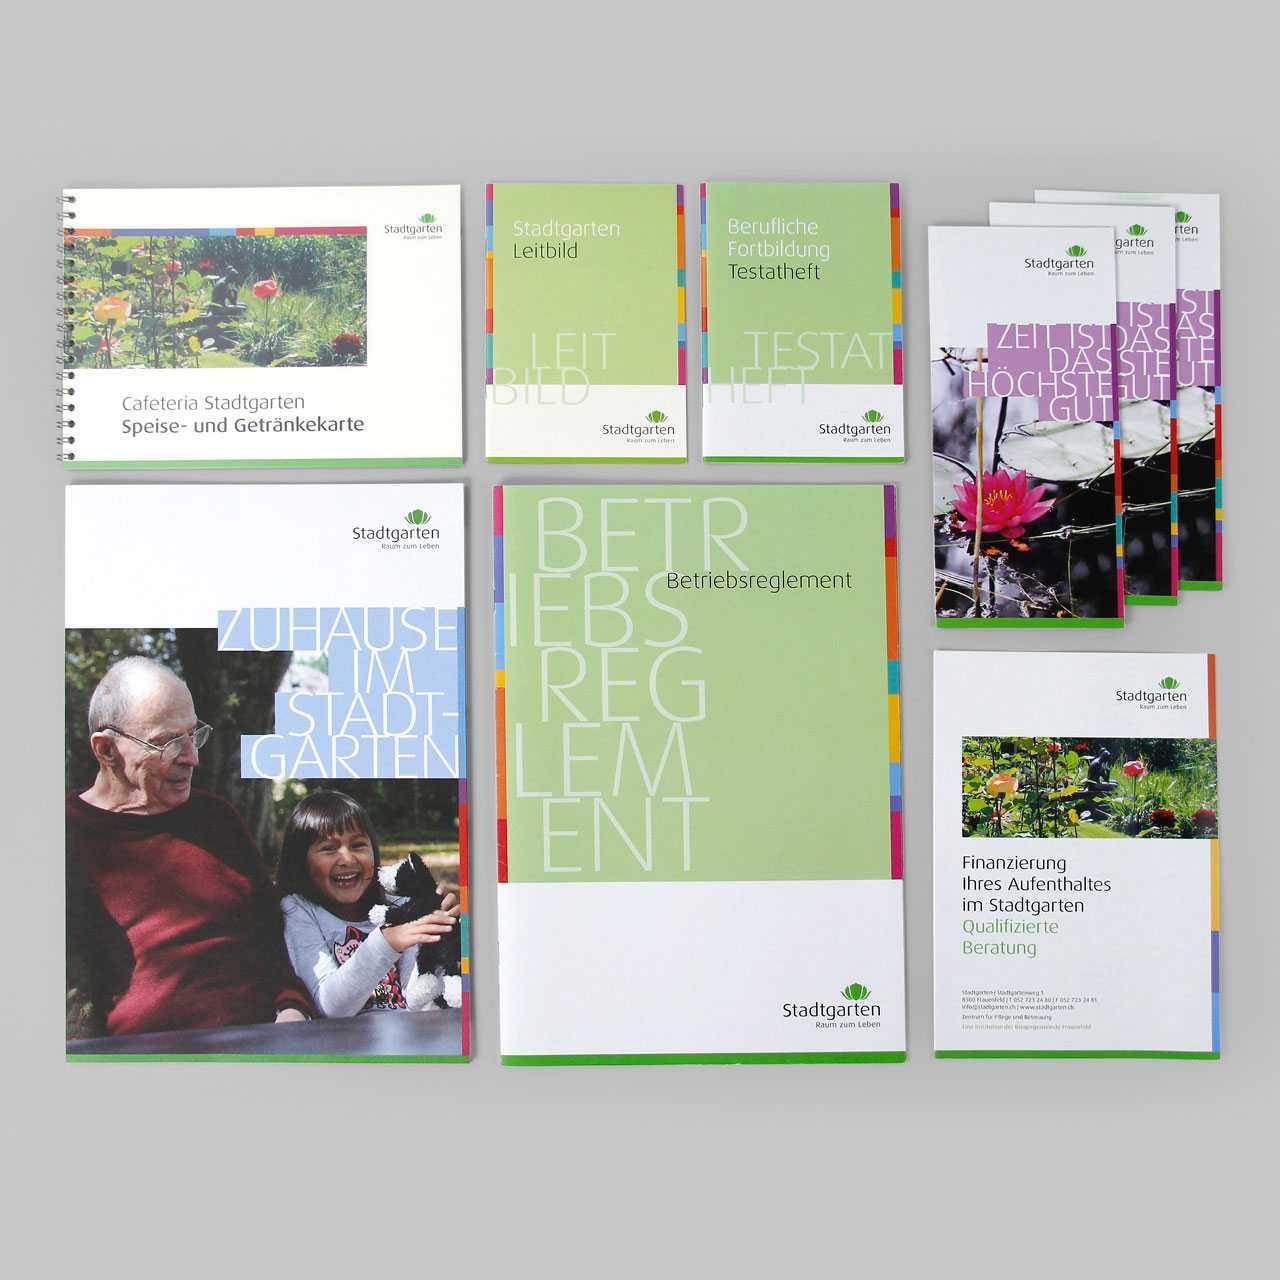 Pflegezentrum Stadtgarten: Corporate Design, Prospekte